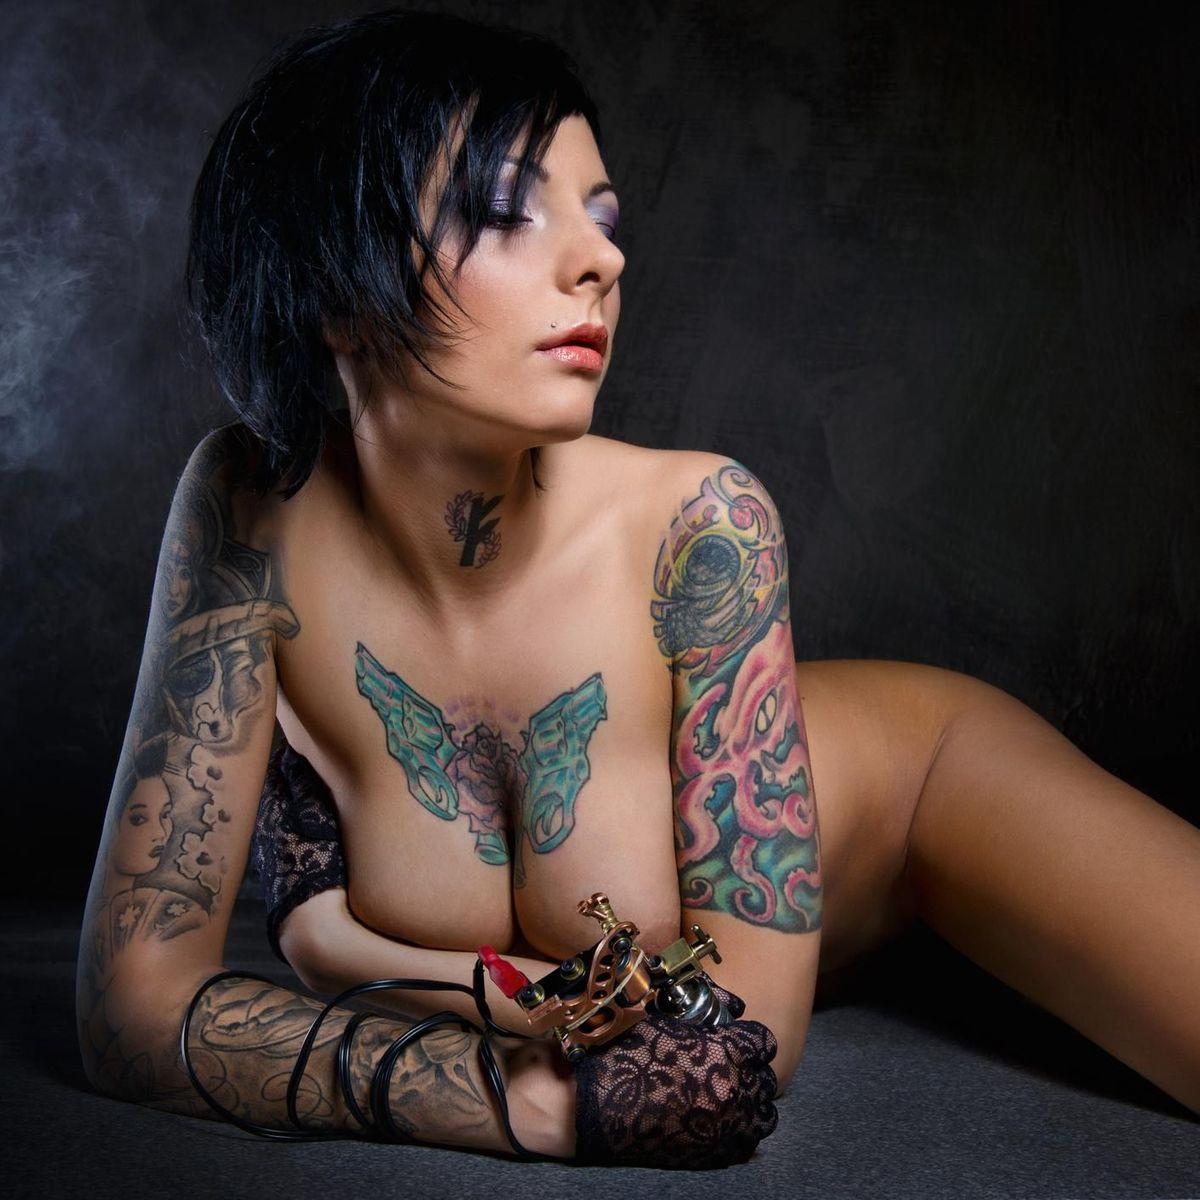 Les femmes avec des tatouages sont le plus salopes